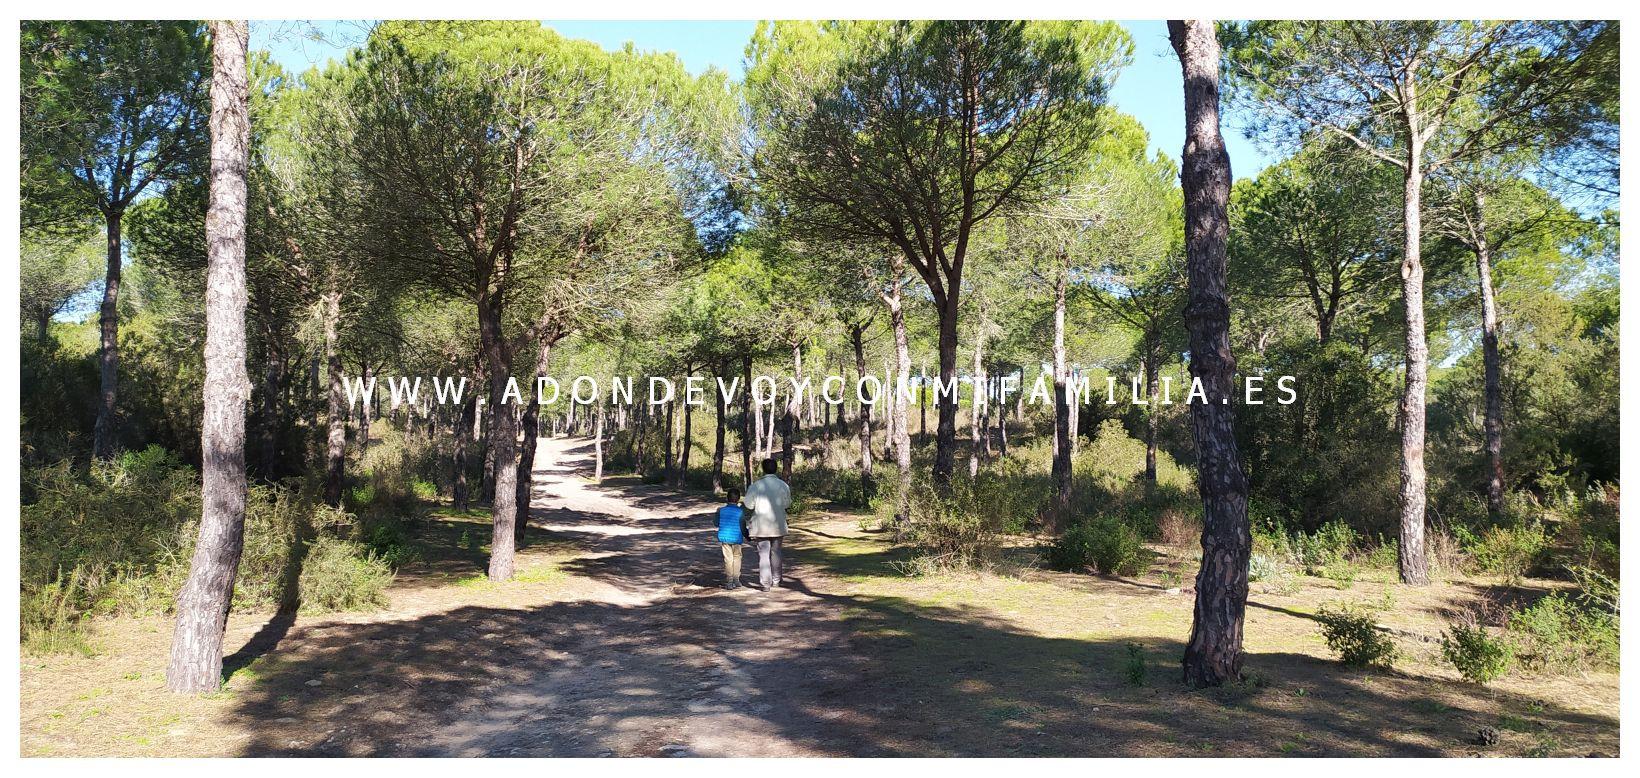 sendero-cerro-del-aguila-pinar-de-la-algaida-sanlucar-adondevoyconmifamilia-14